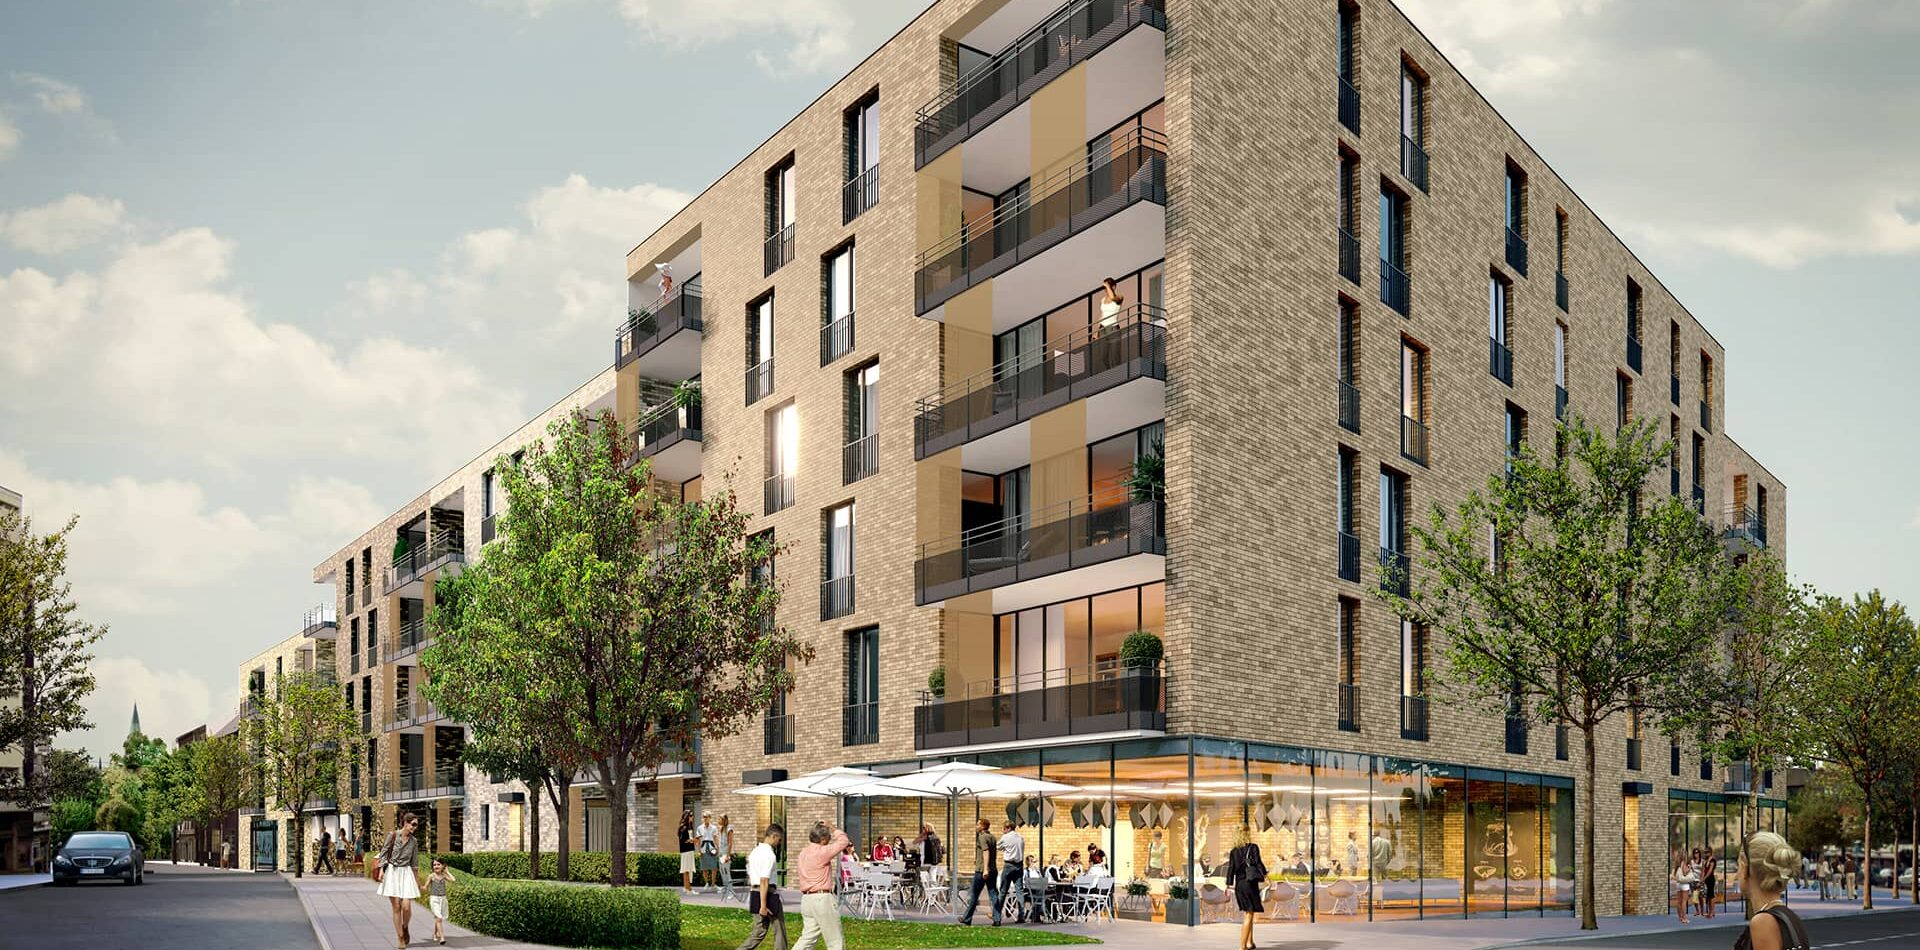 Bochum Voedestraße Wattenscheid Randbebauung Wettbewerb Projekt Lageplan Strassenansicht